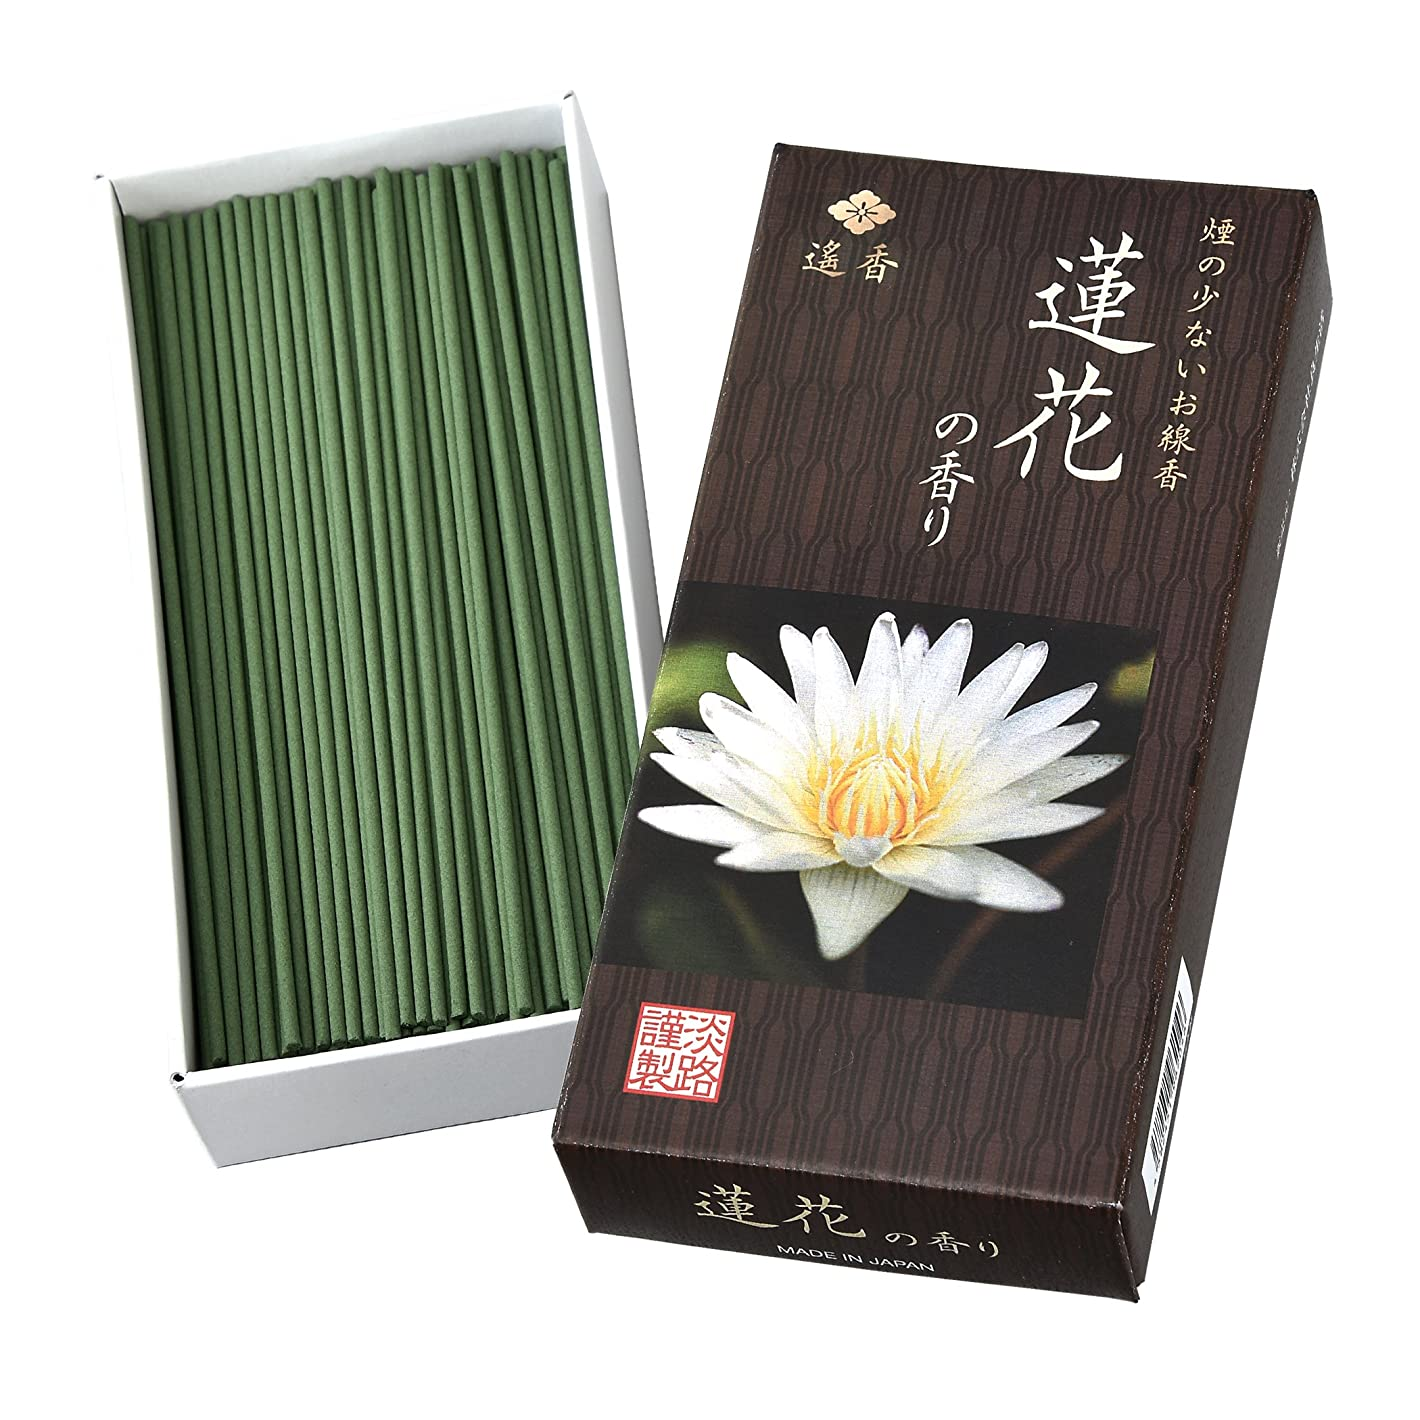 愛する緊張する言語学良生活 遙香 蓮花の香り 3個